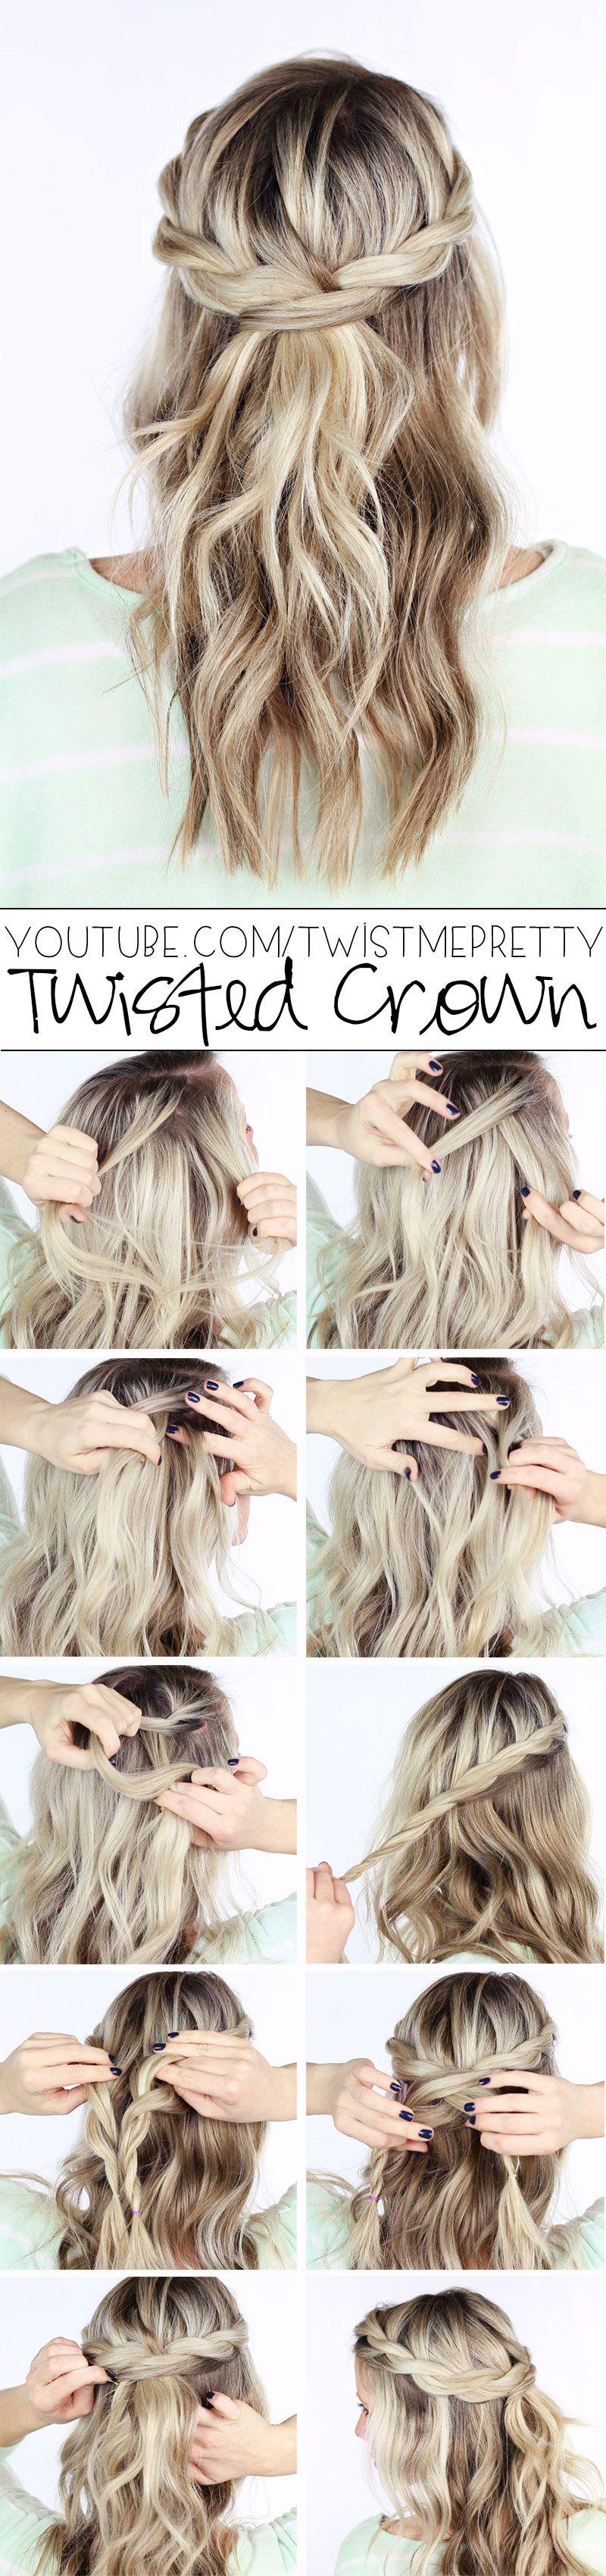 10 Easy Tutorials to Make Wedding Hair | Crown braid tutorials ...